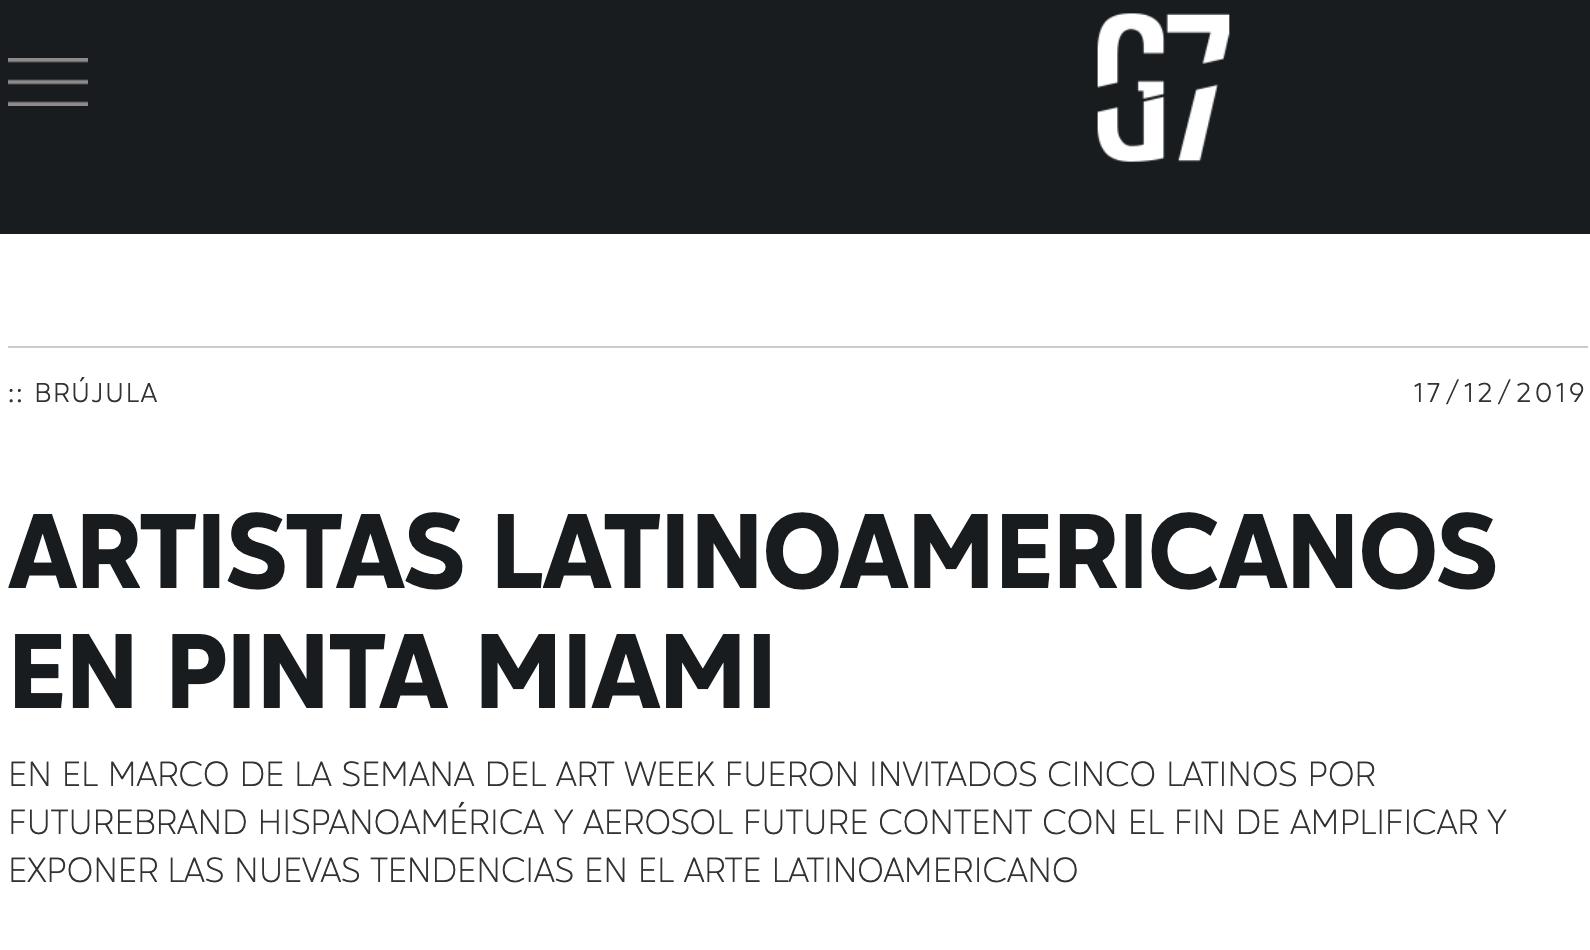 Nota y mención sobre artistas latinoamericanos y nuestra participación en PINTA MIAMI, por la revista G7 (Diciembre 2019)